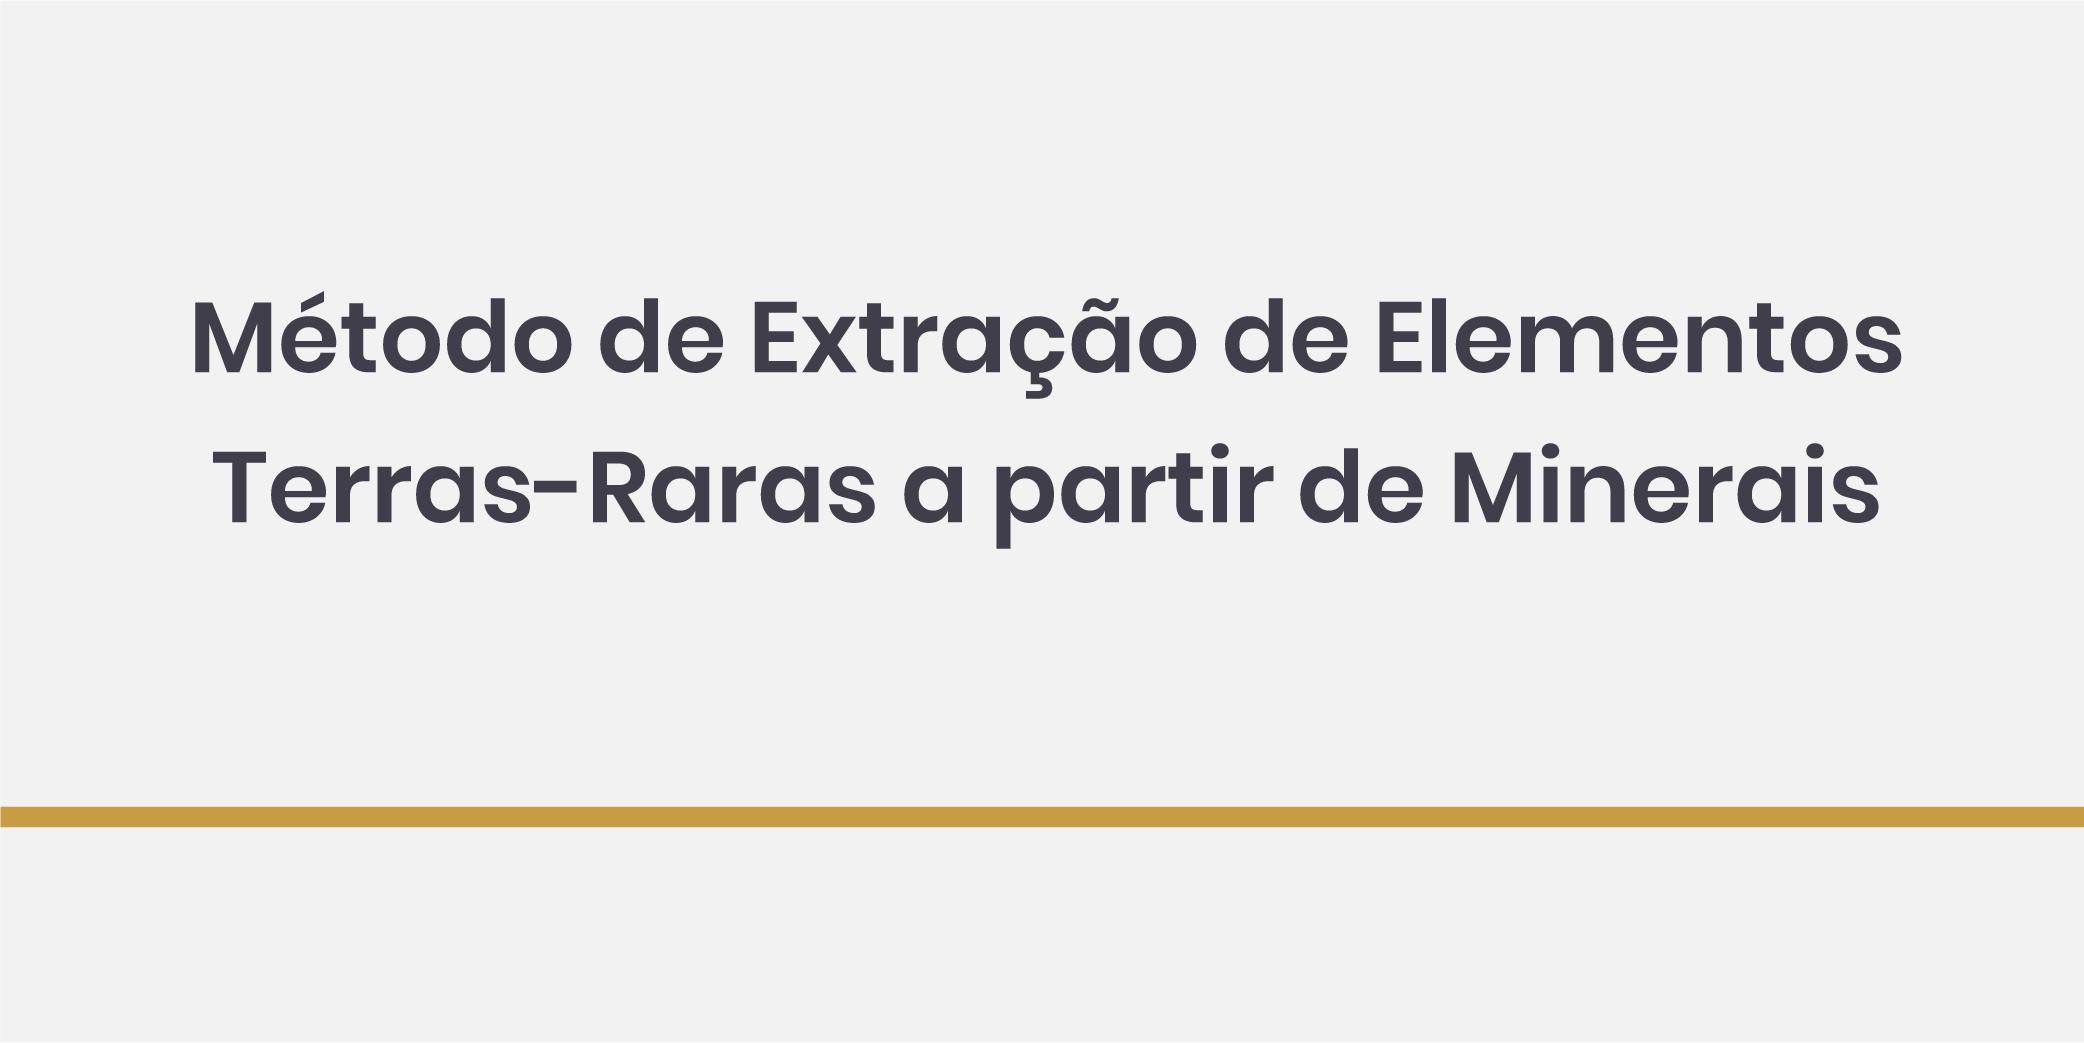 Método de Extração de Elementos Terras-Raras a partir de Minerais